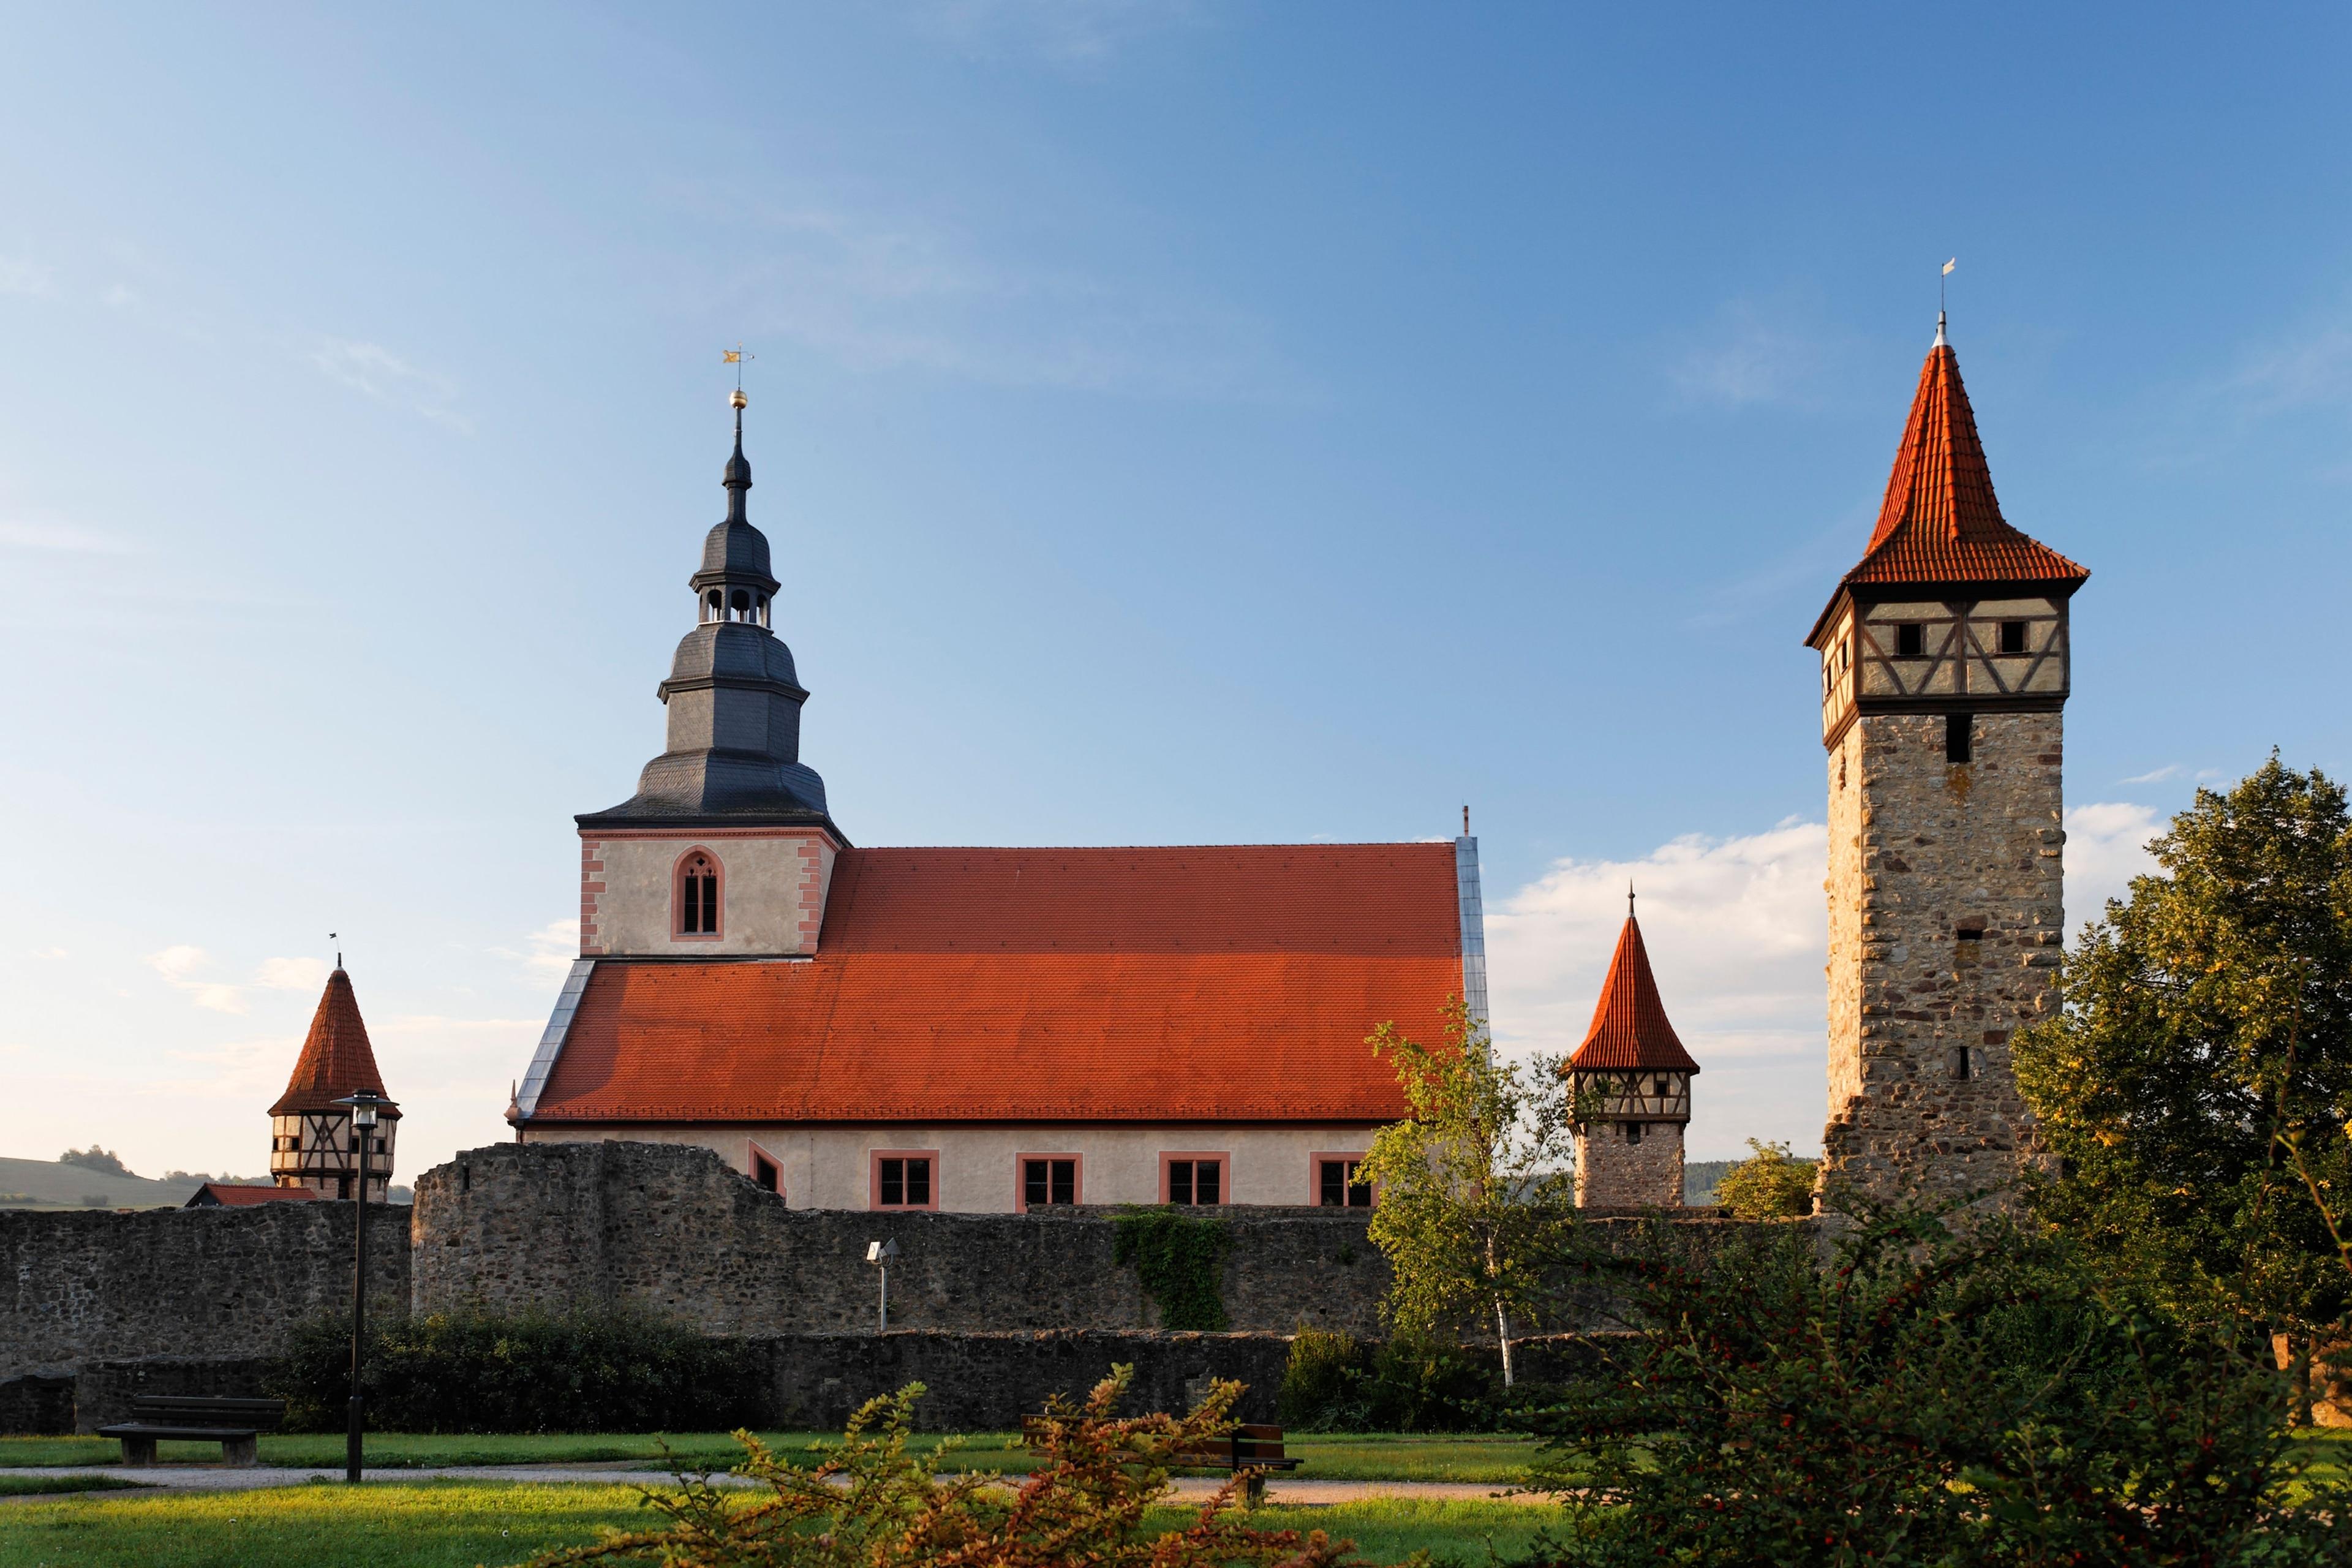 Schmalkalden-Meiningen District, Thuringia, Germany